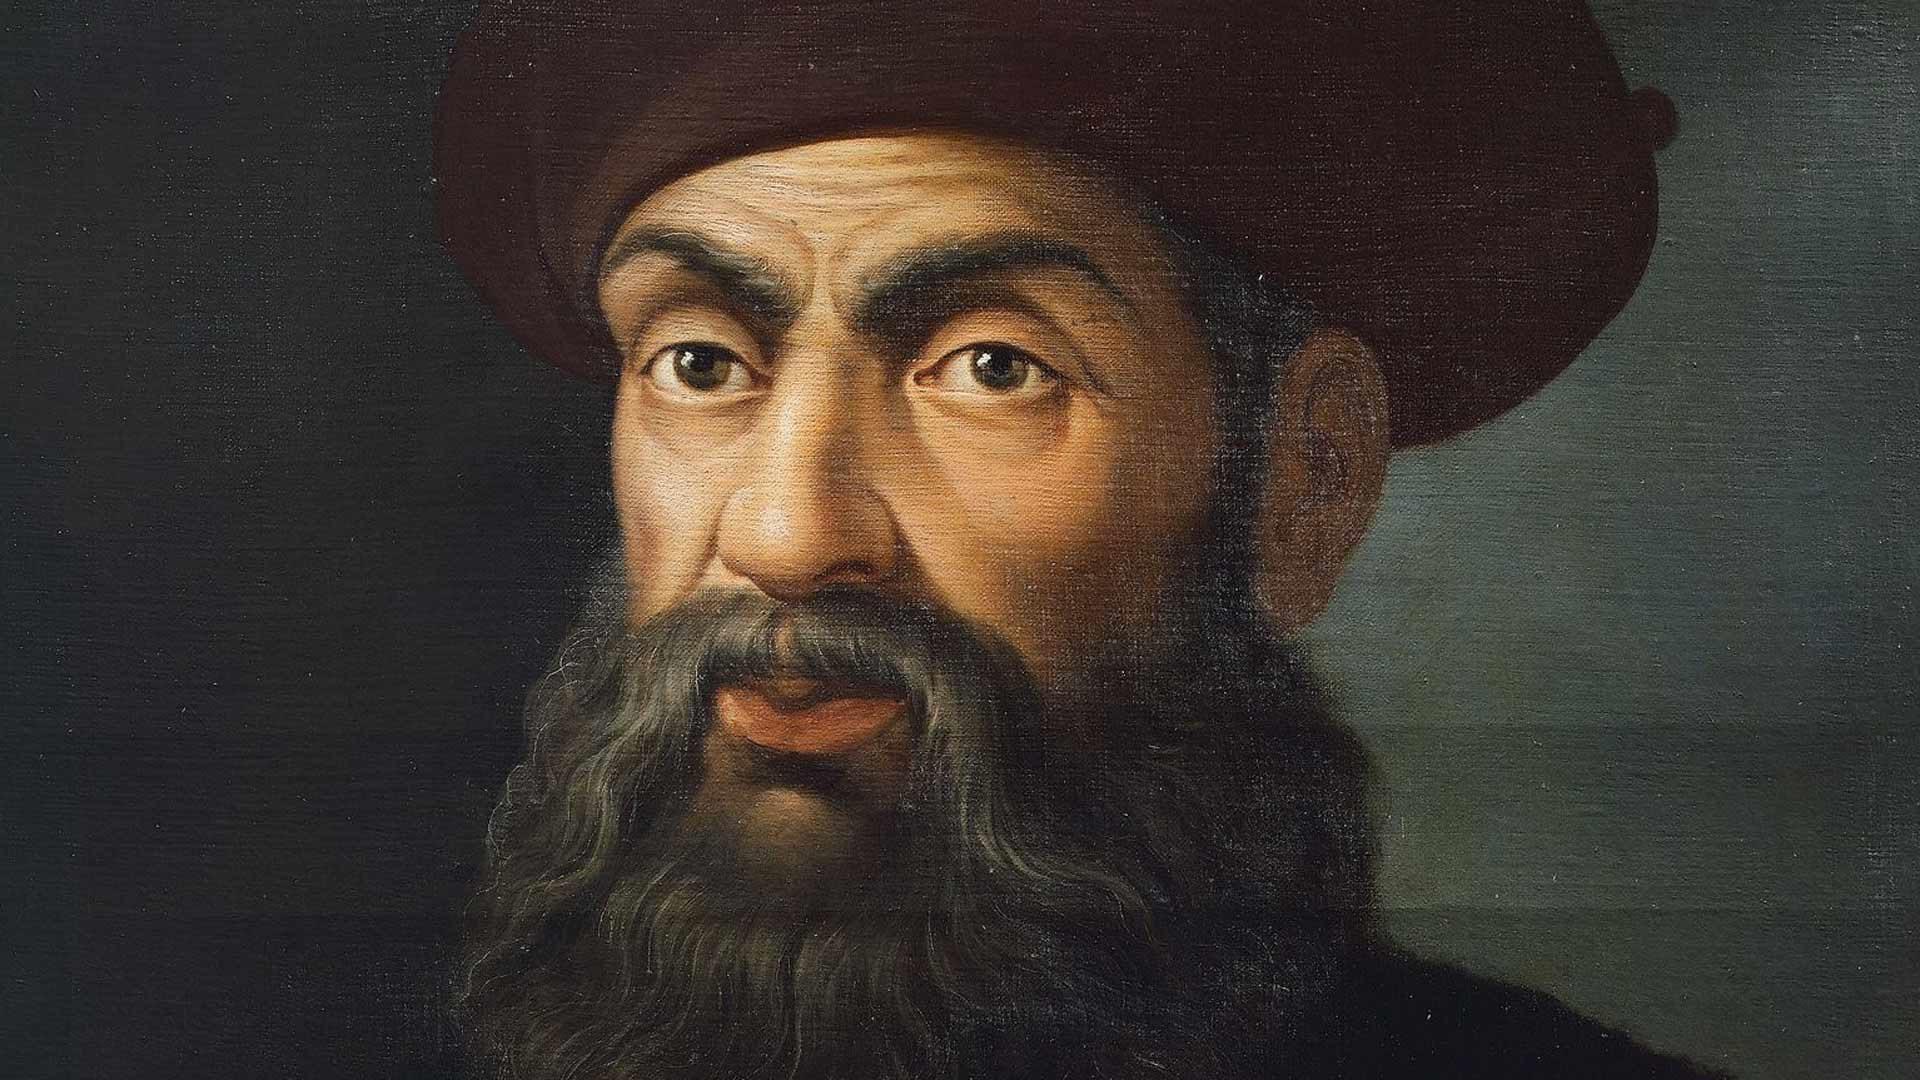 Fernão de Magalhães  (n. 1480–1521) syntyi luultavasti Oportossa. Hän oli neljännen luokan aatelia, mikä antoi pääsyn Portugalin kuninkaan hoviin.